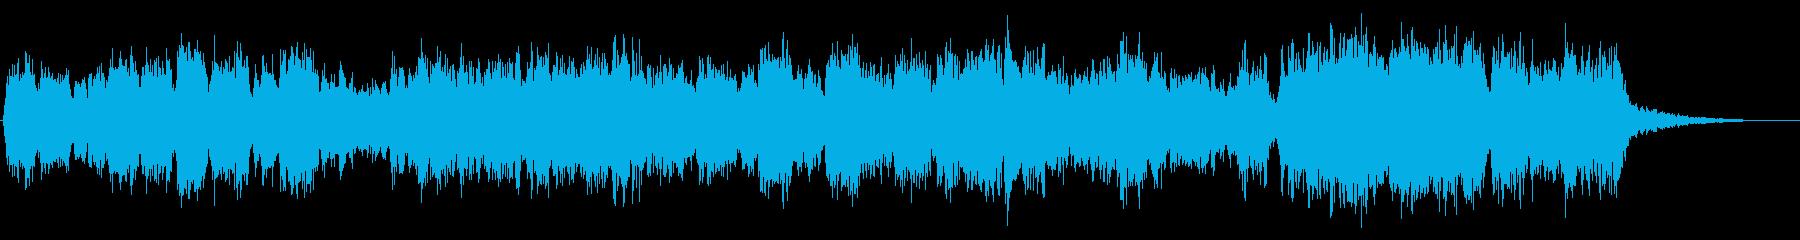 ★★★ややシリアスな聖歌隊✡合唱のみ✡Dの再生済みの波形